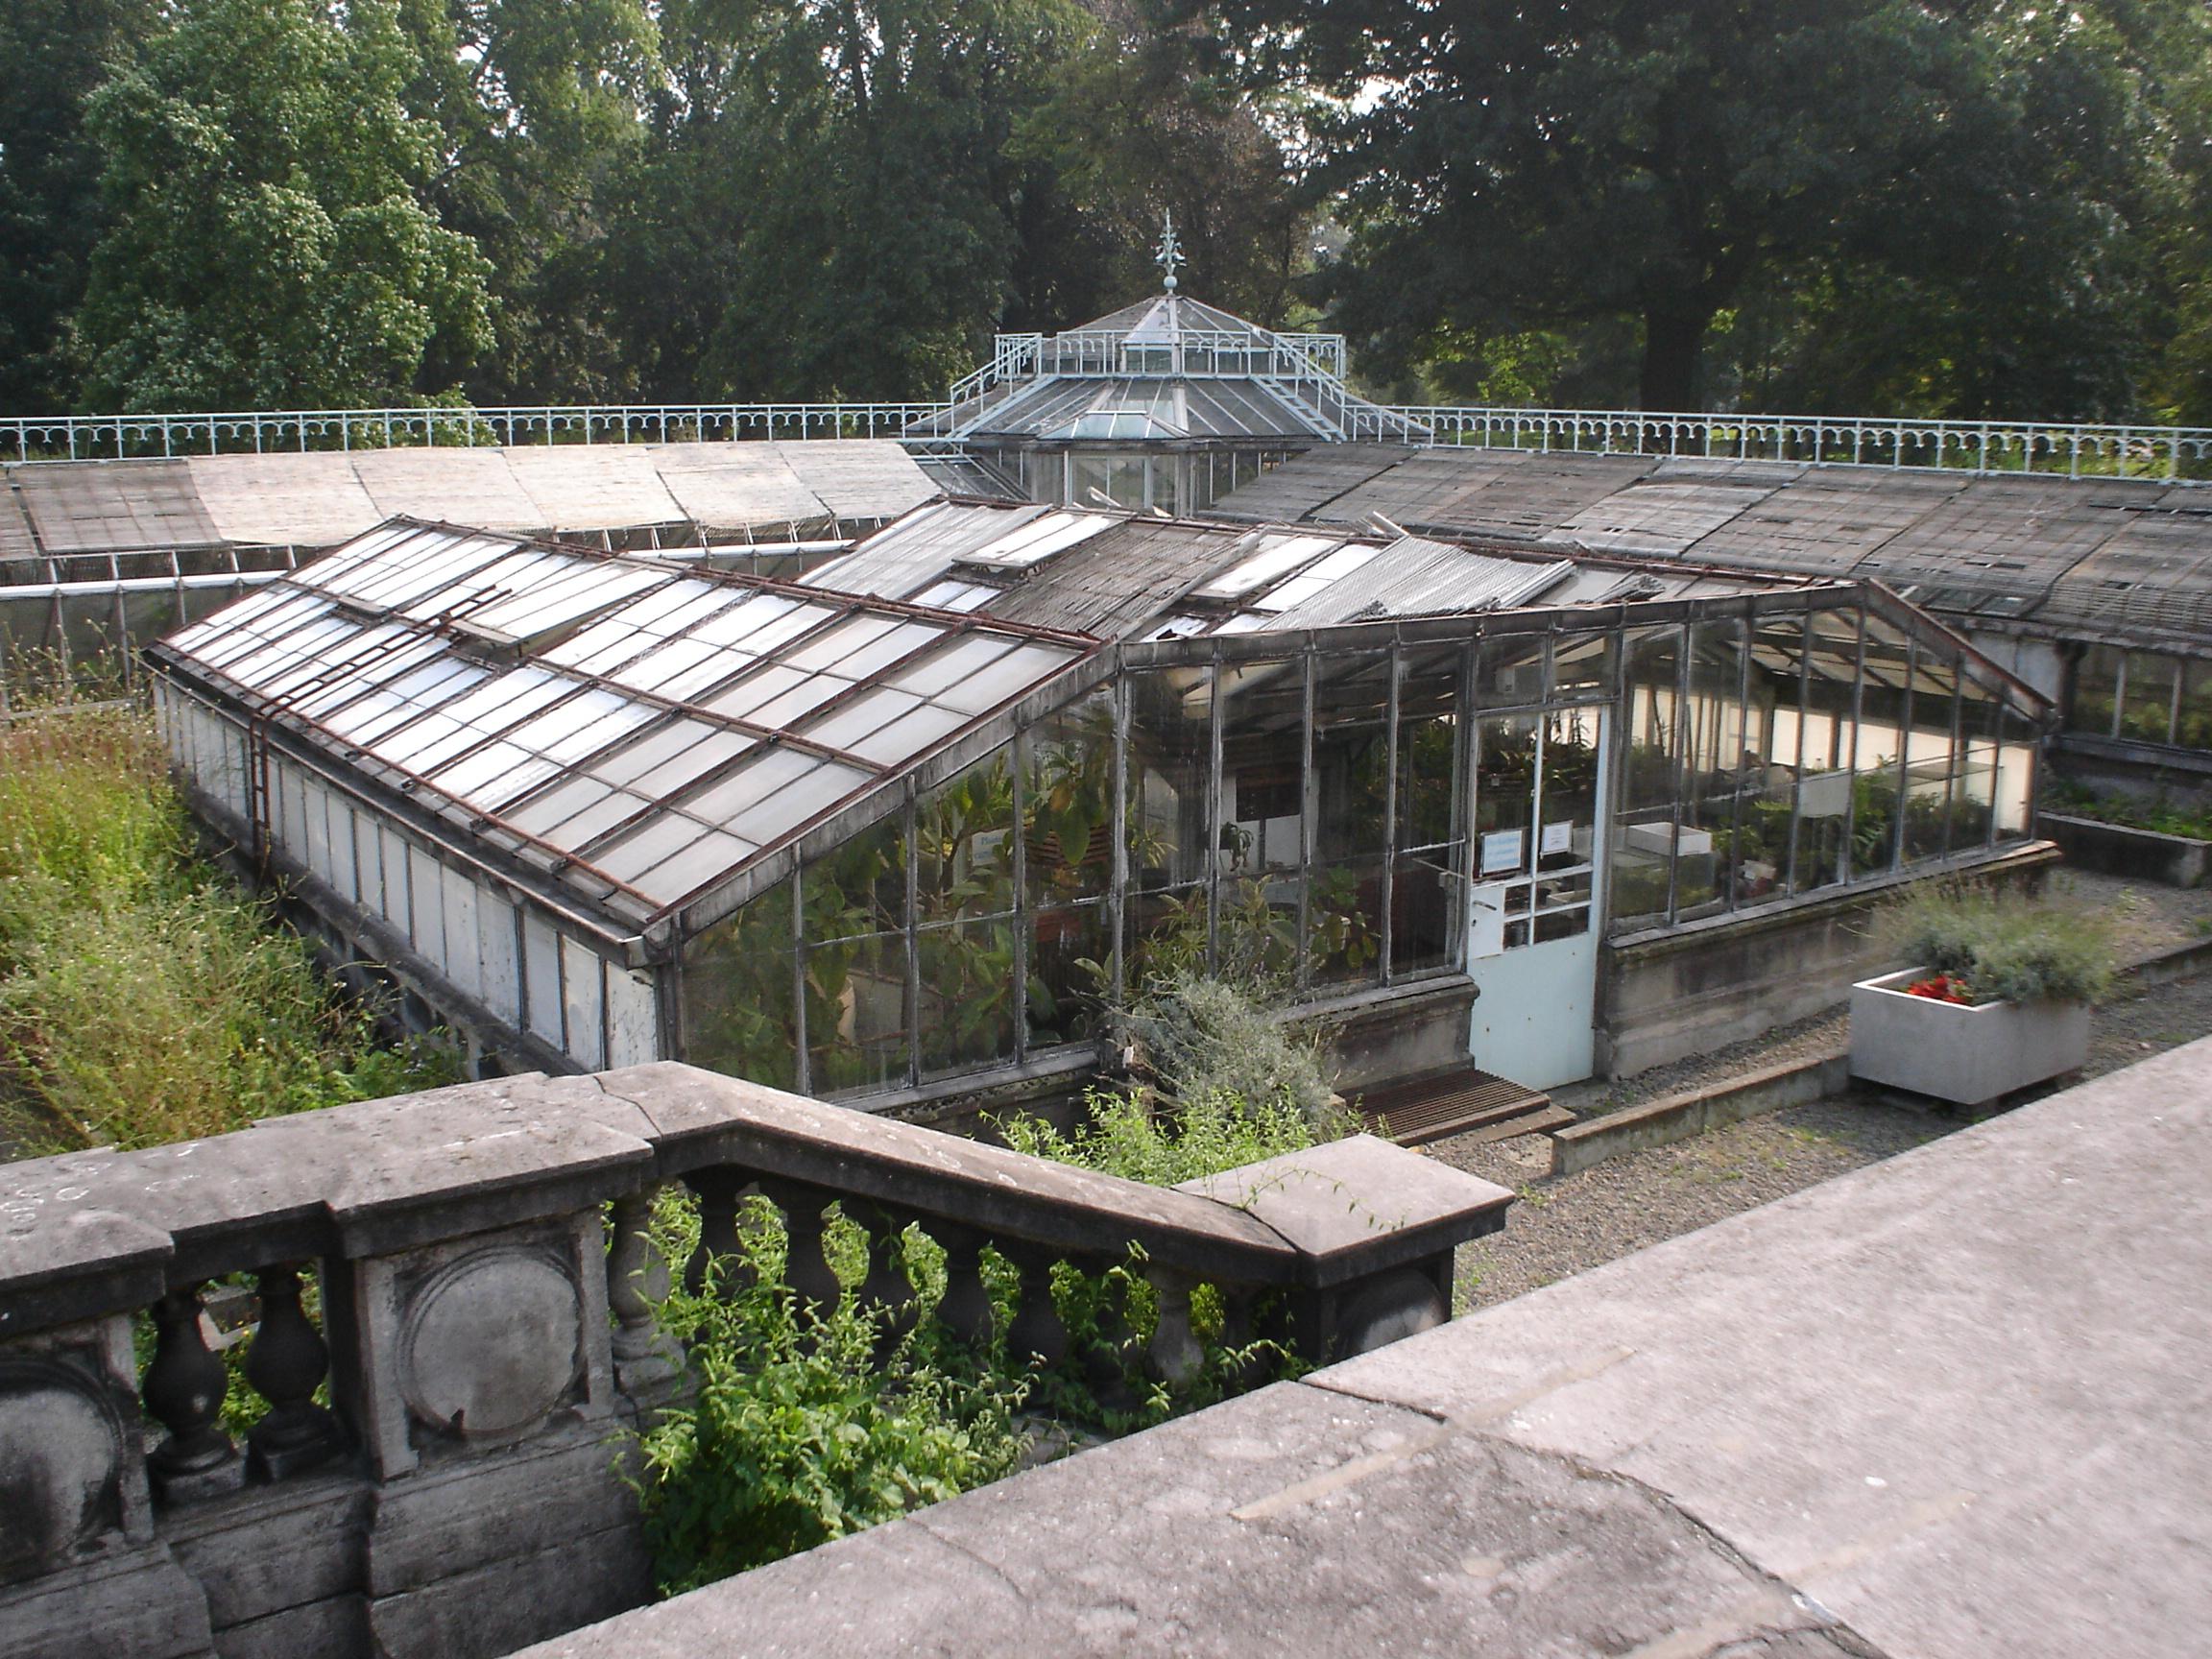 Salon de jardin botanique - Salon de jardin botanic ...